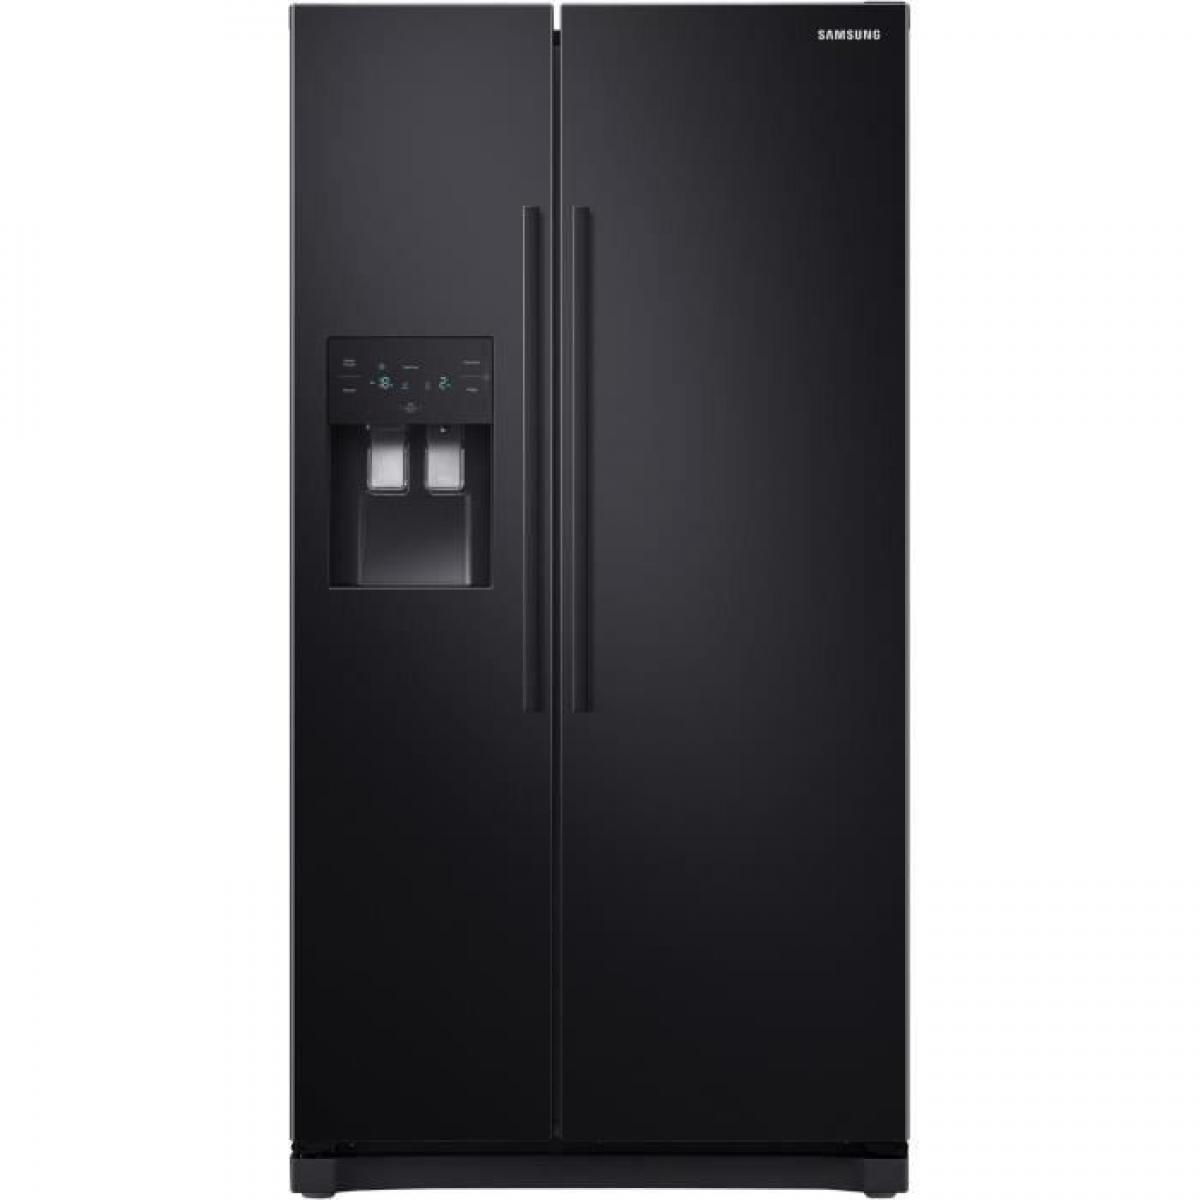 Samsung Réfrigérateur américain 501L Froid Ventilé SAMSUNG 91cm, SAMRS50N3503BC